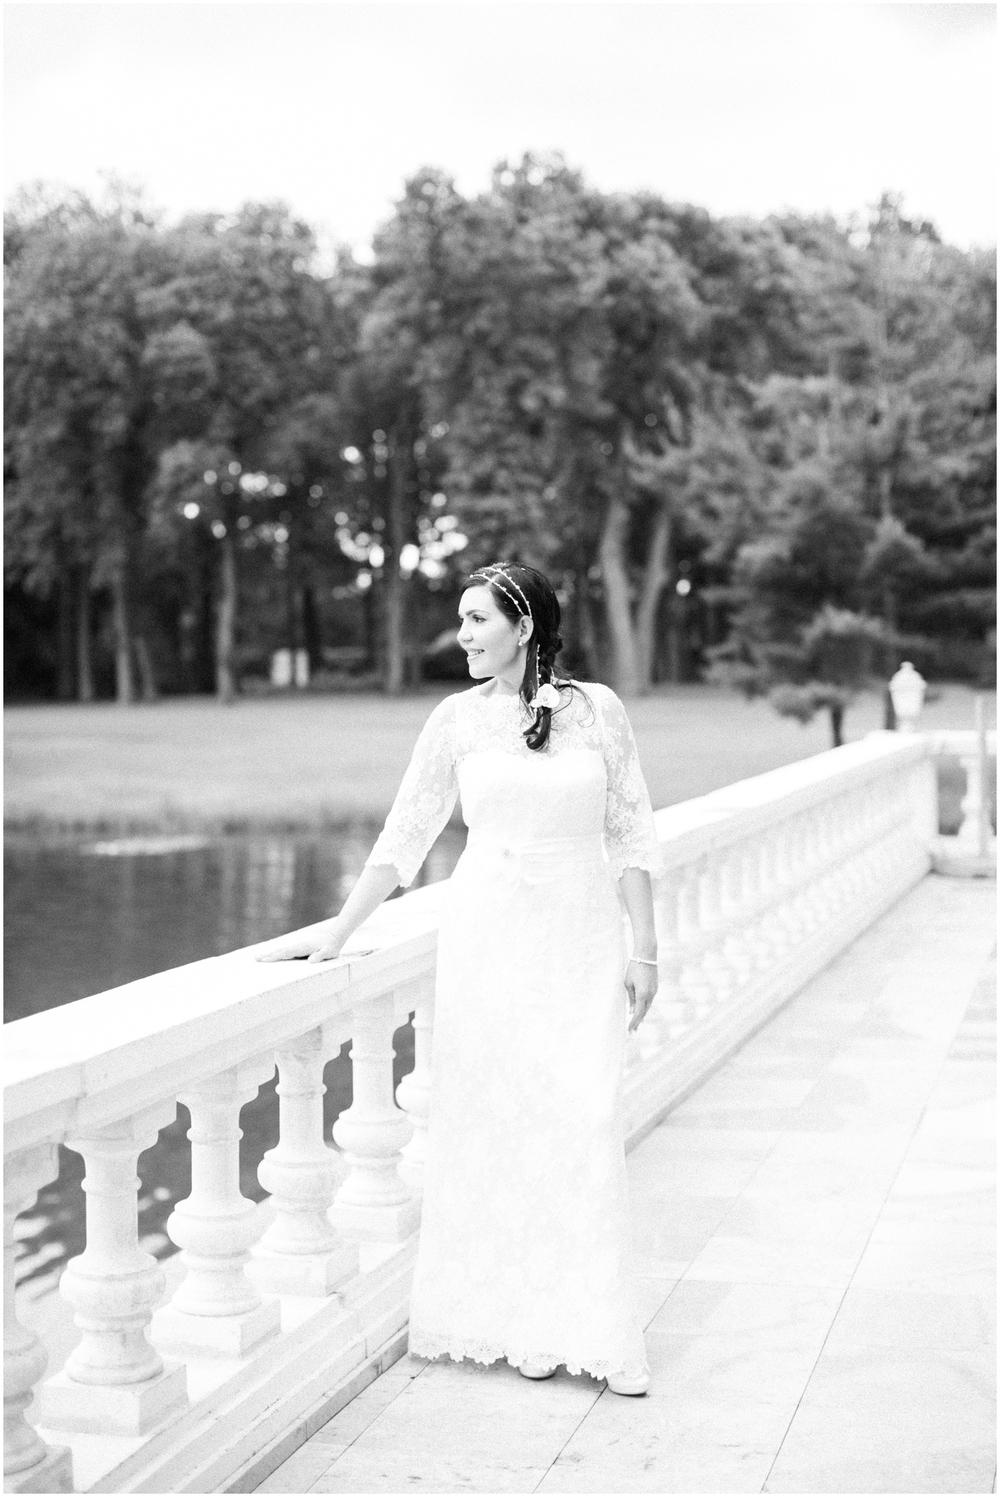 Huwelijksreportage Kasteel van Zwijnaarde